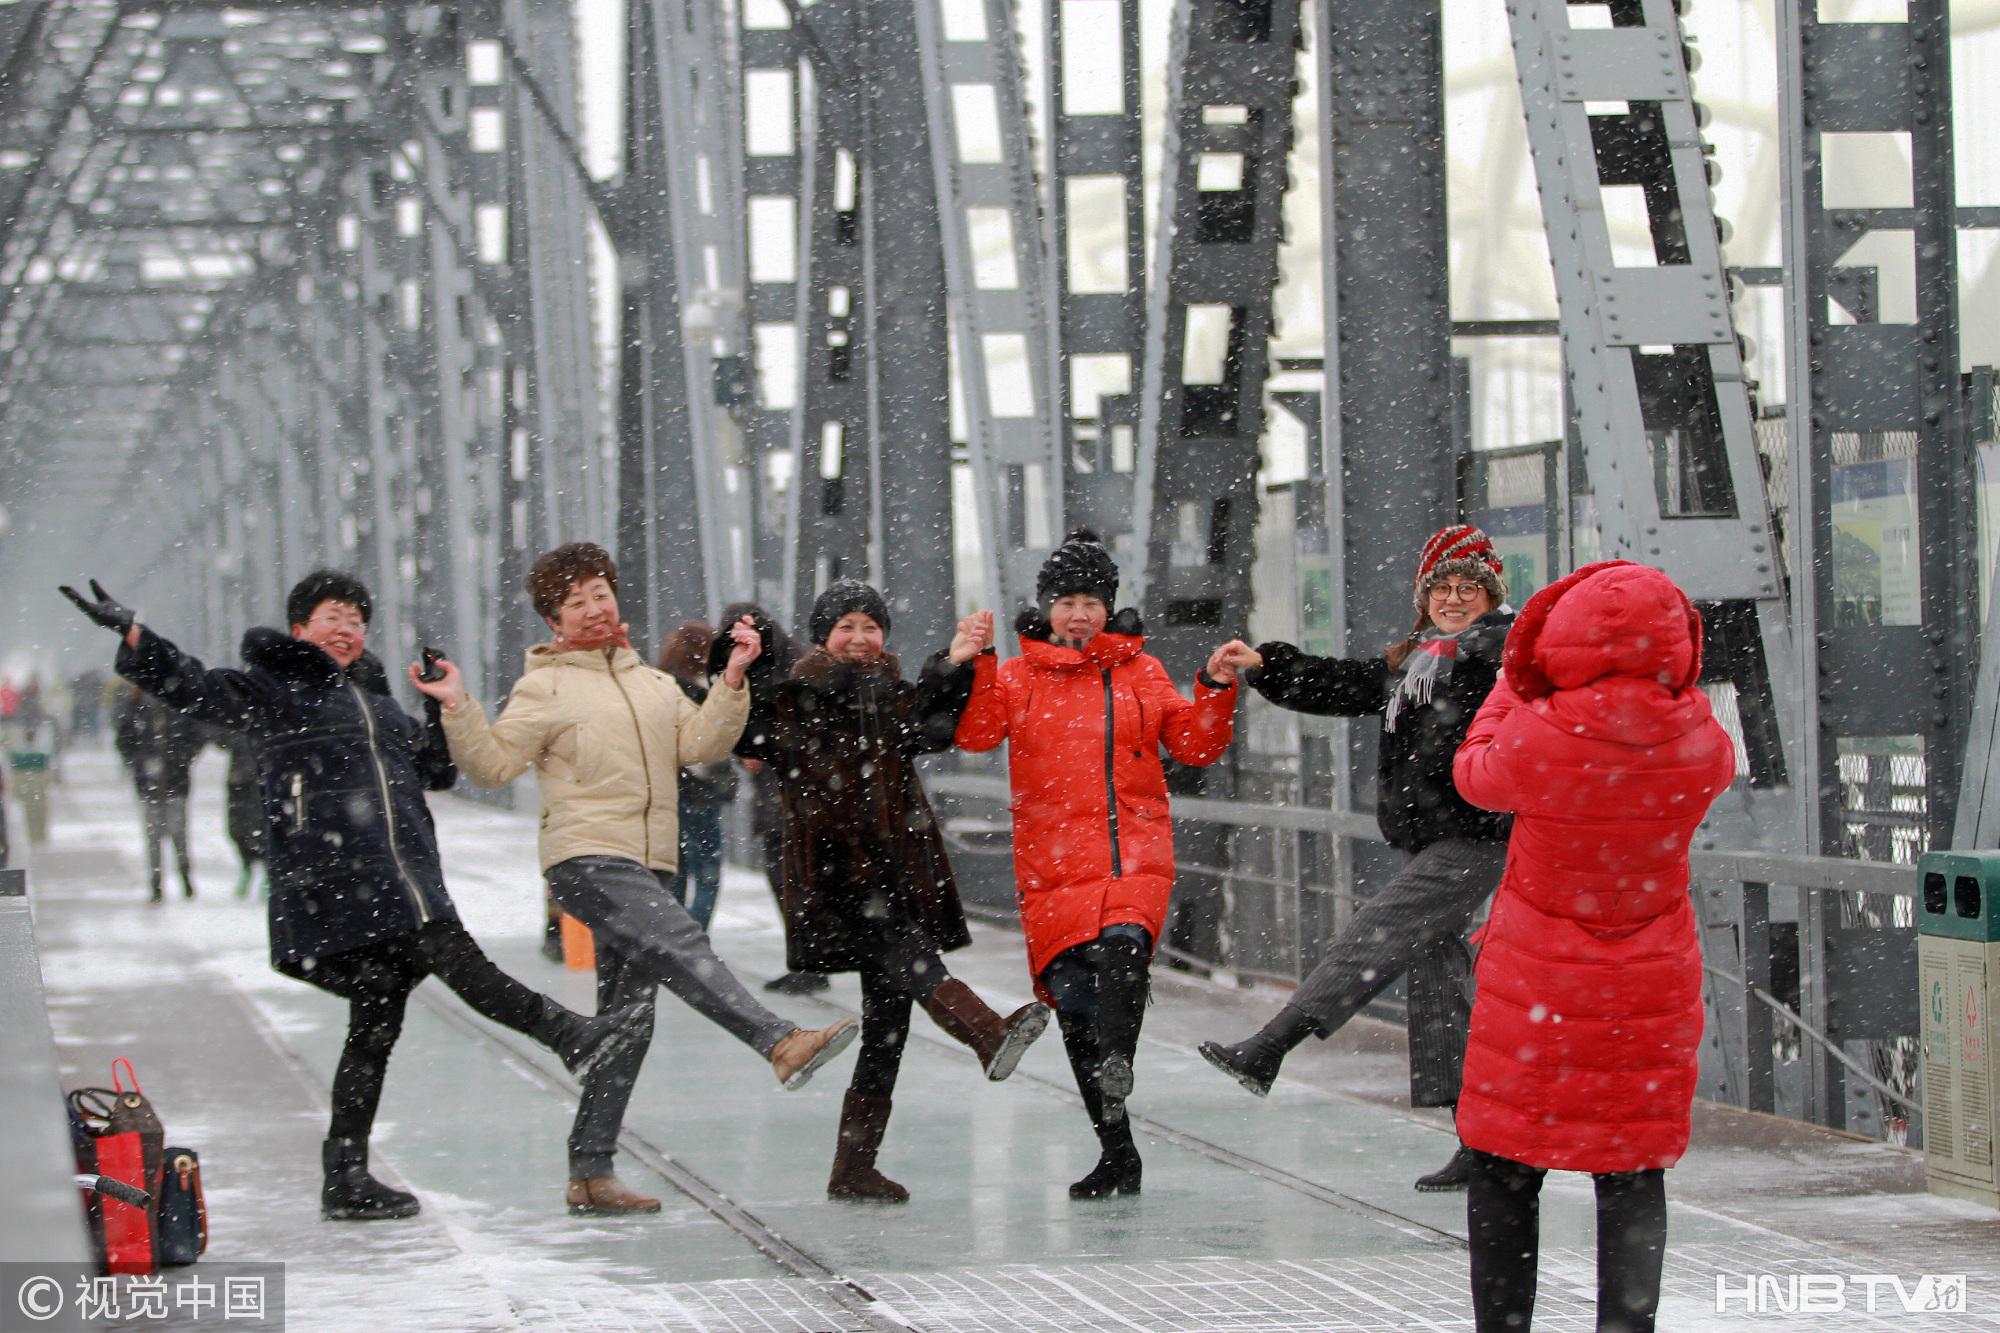 哈尔滨迎下雪天 游客扎堆与地标建筑合影(组图)